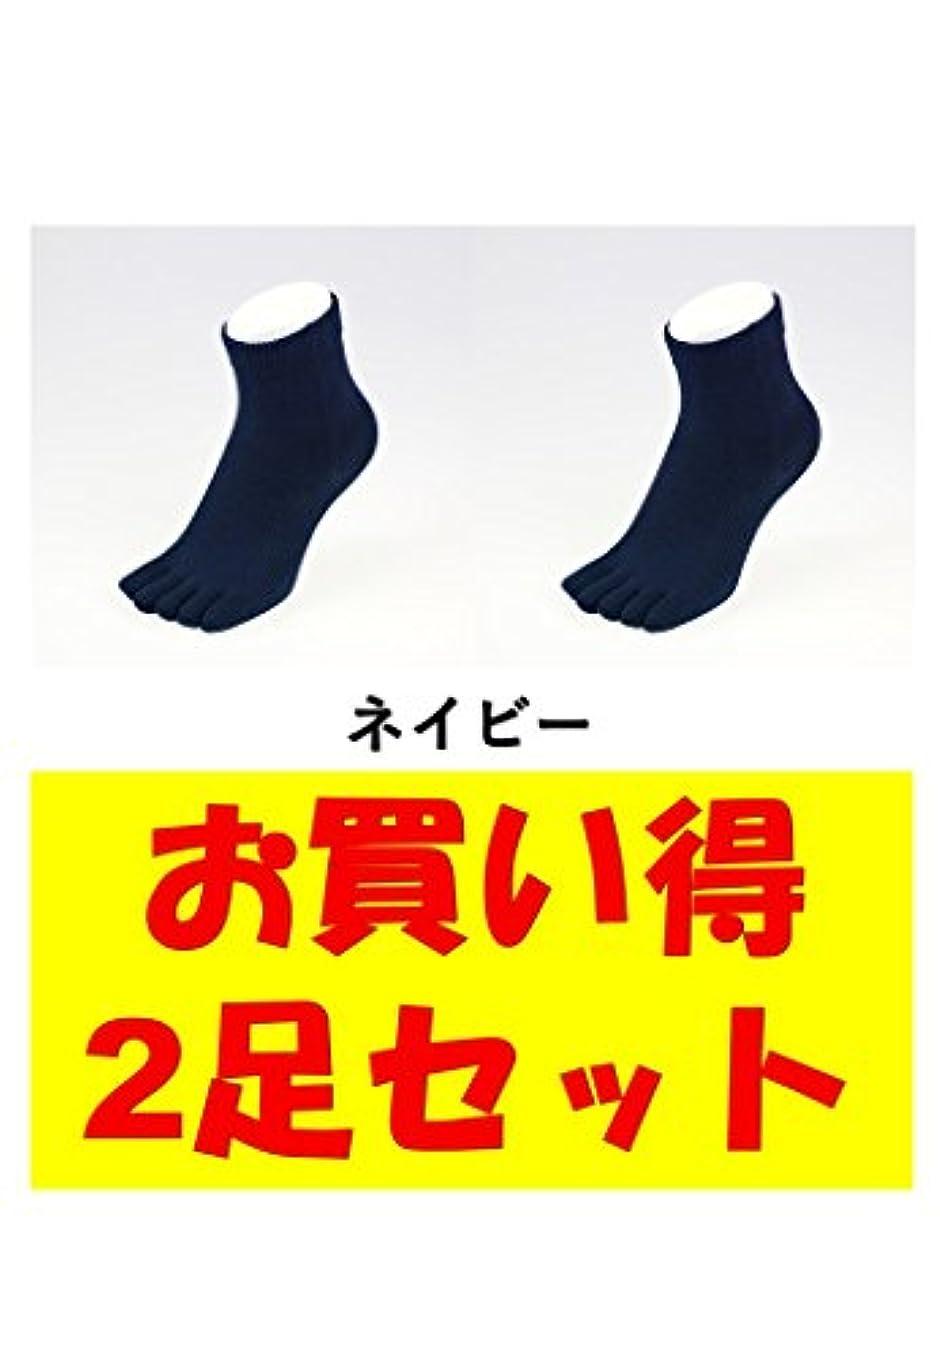 スポーツ管理します数学お買い得2足セット 5本指 ゆびのばソックス Neo EVE(イヴ) ネイビー Sサイズ(21.0cm - 24.0cm) YSNEVE-NVY